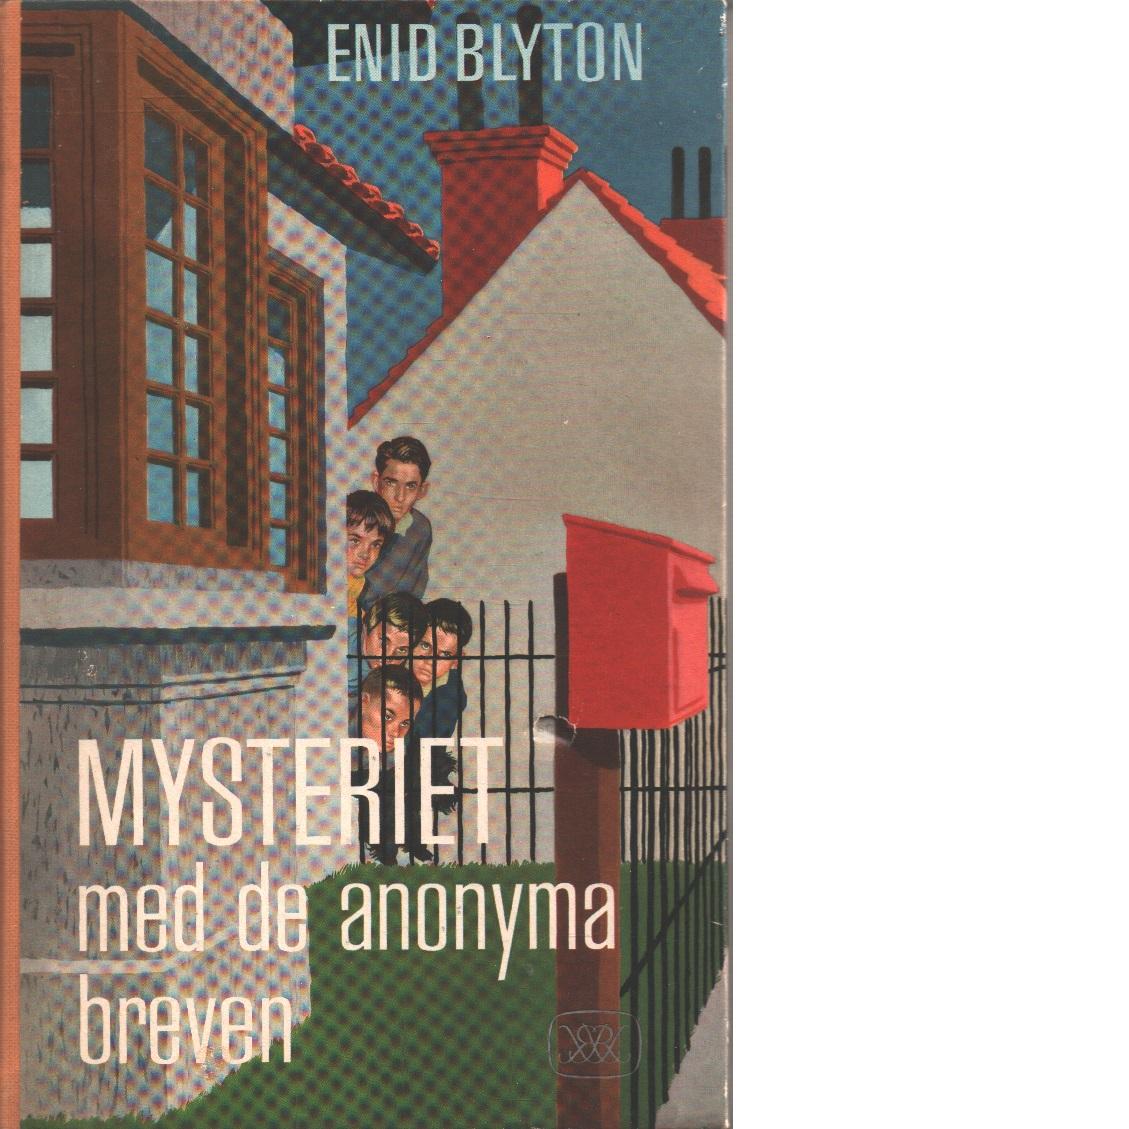 Mysteriet med de anonyma breven - Blyton, Enid